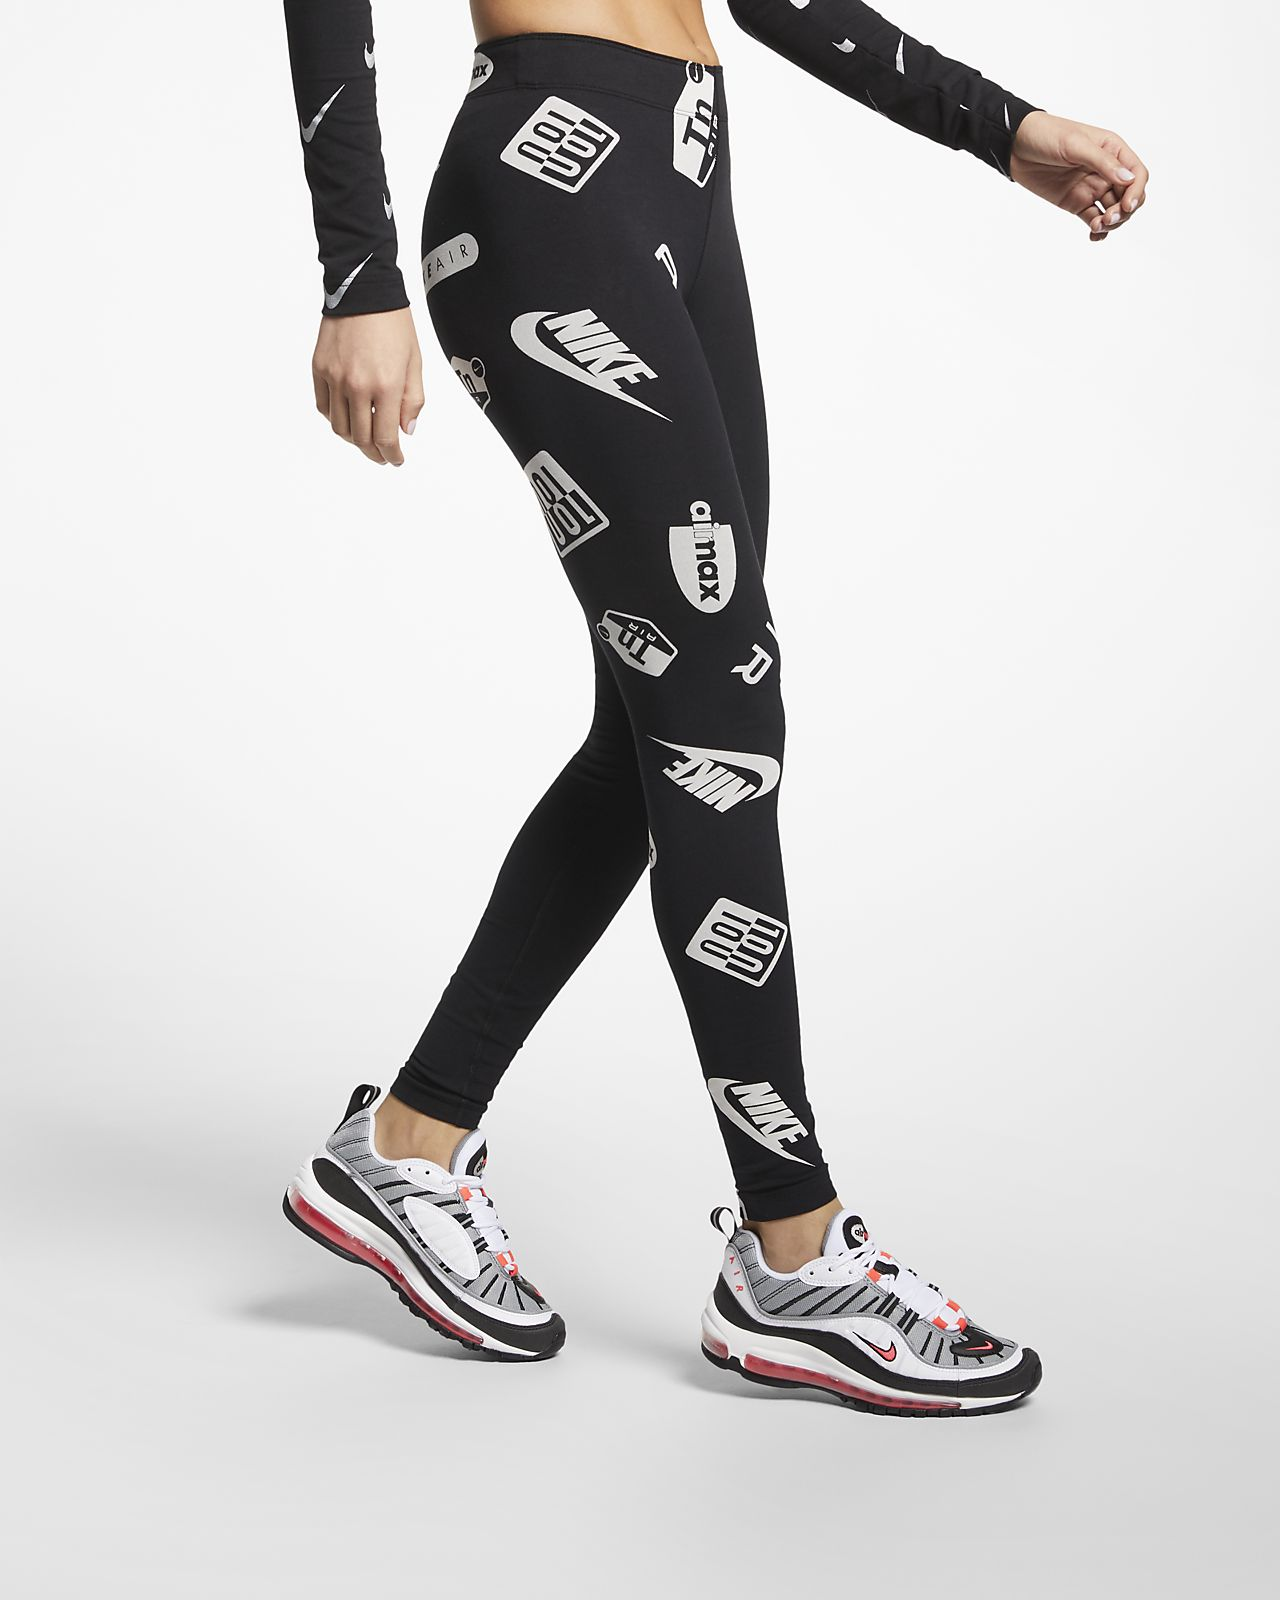 the best attitude a706e b2207 ... Nike Air Max Leg-A-See Women s Printed Leggings